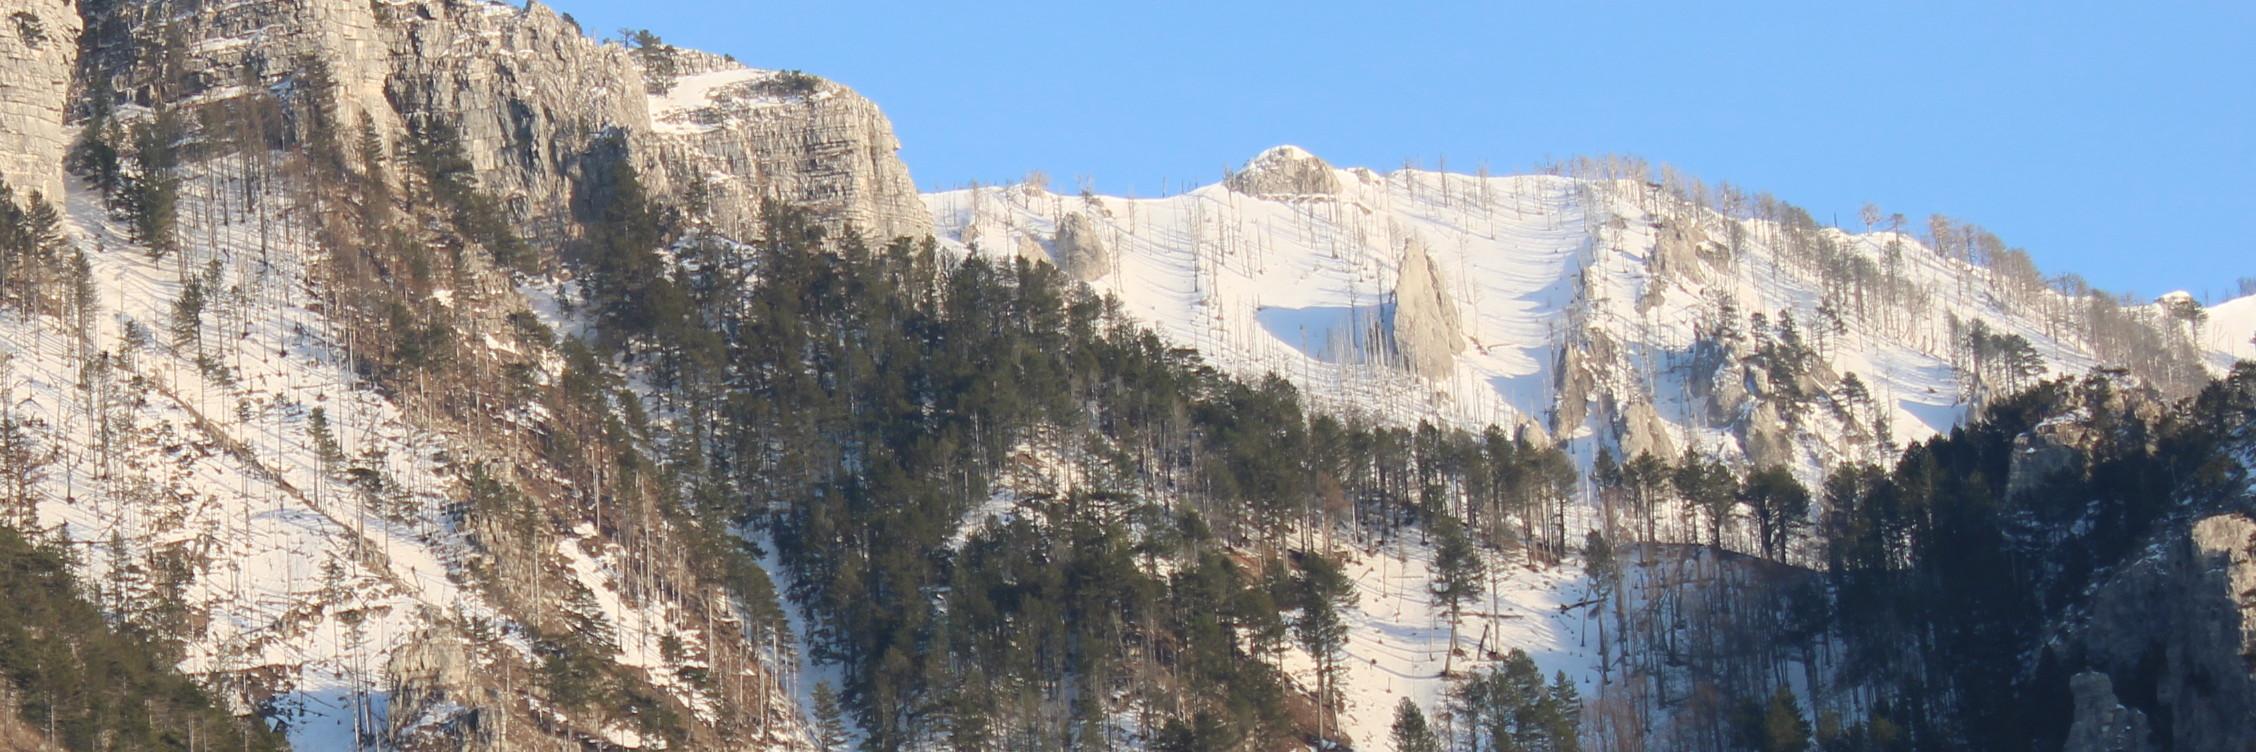 Лыжная трасса на Руиште